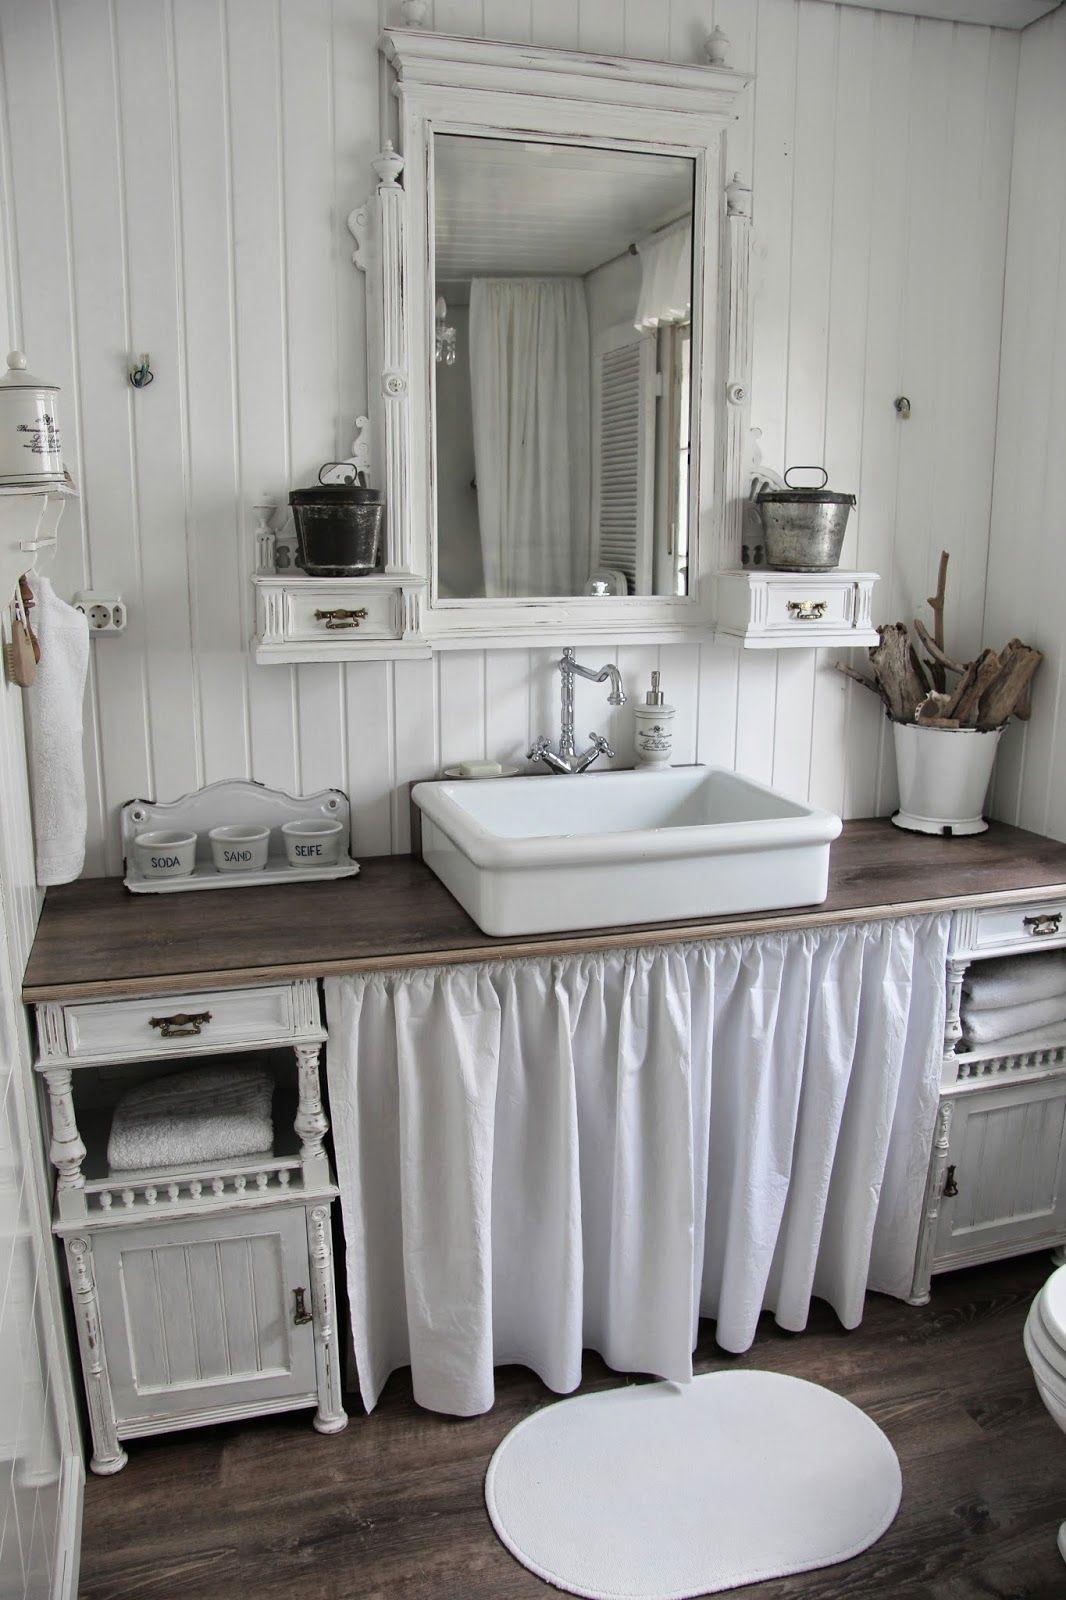 schwanenteich deko pinterest badezimmer b der und wohnen. Black Bedroom Furniture Sets. Home Design Ideas